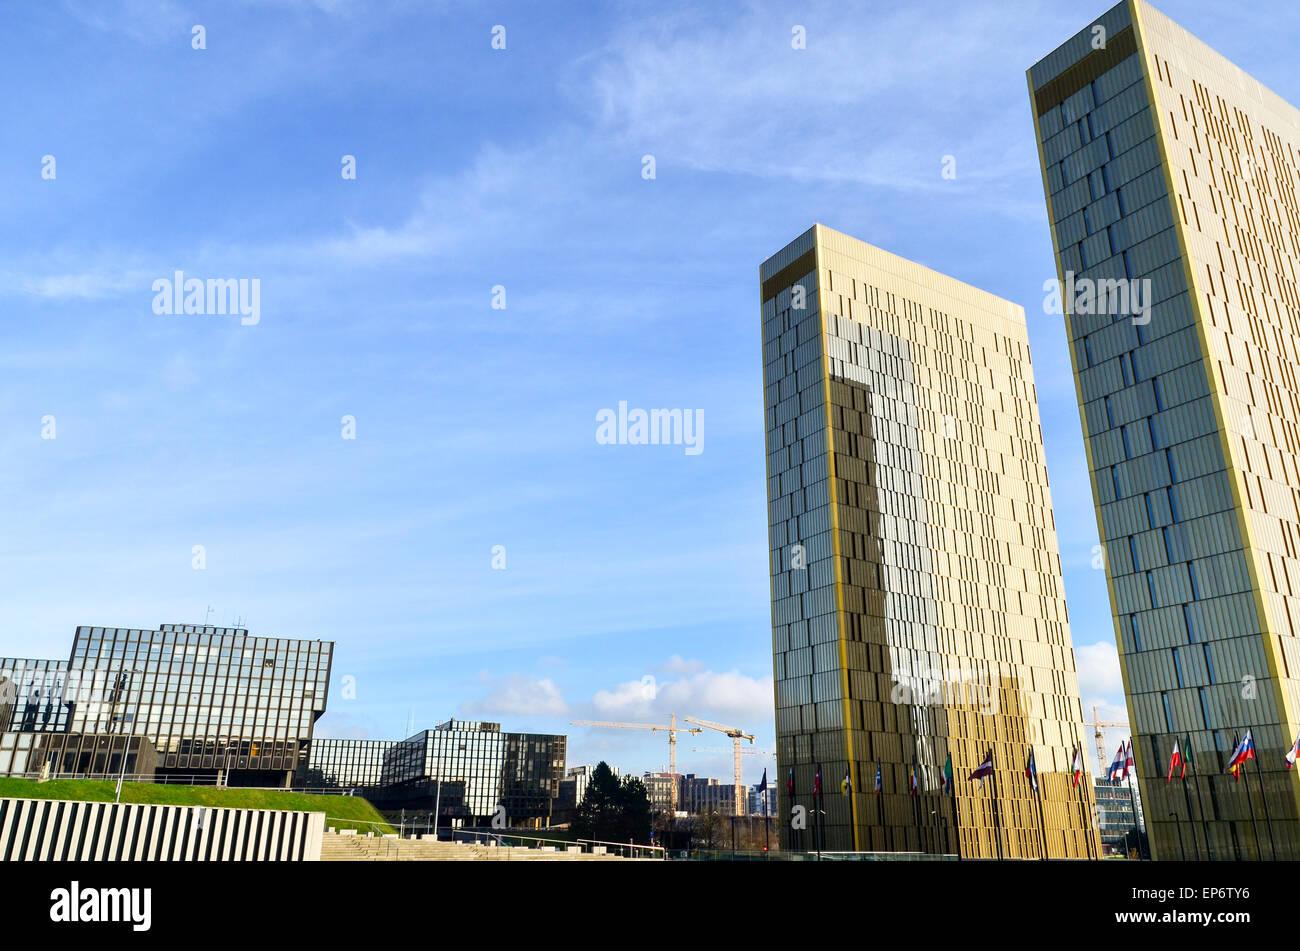 Zwillingstürme des Gerichtshof der Europäischen Union und der Europäischen Kommission im Europaviertel, Stockbild